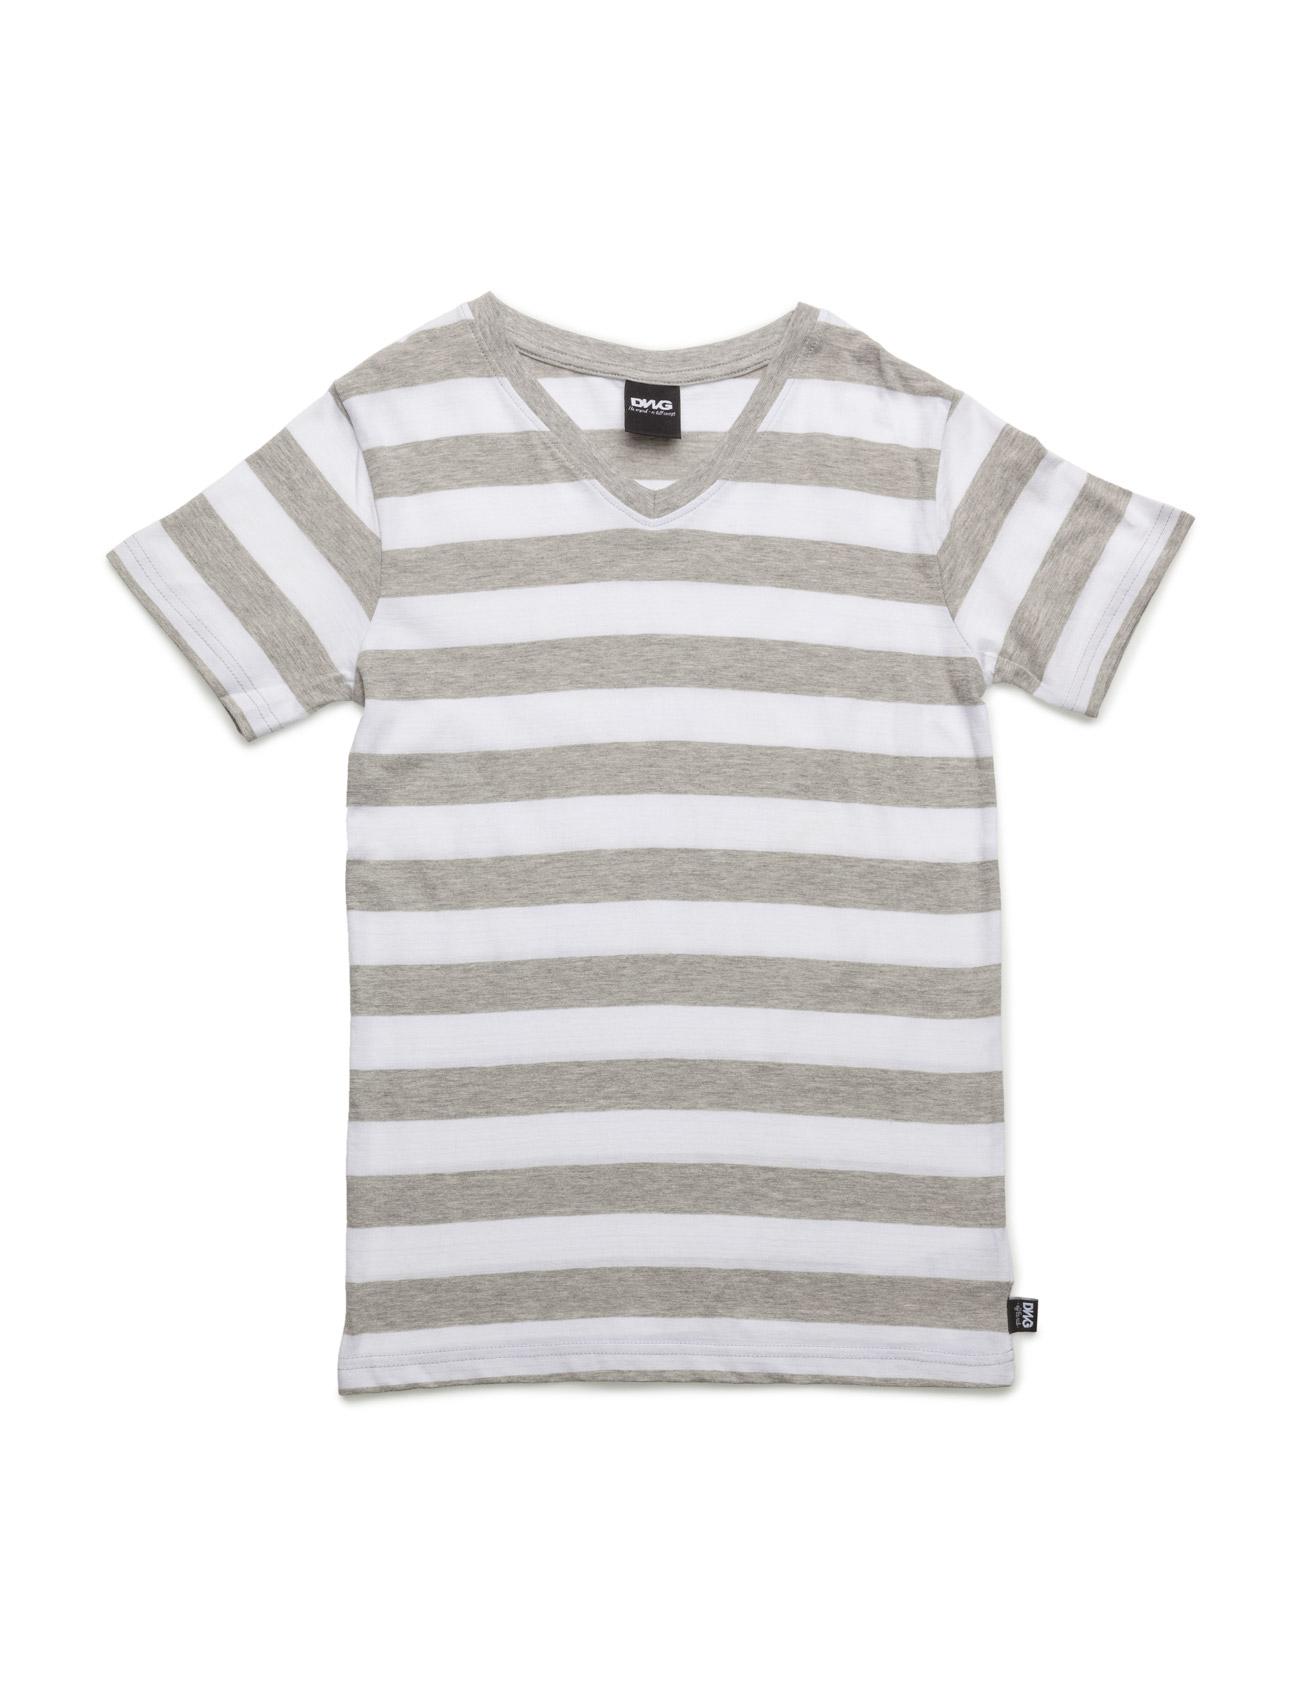 d-xel Bary t-shirt på boozt.com dk